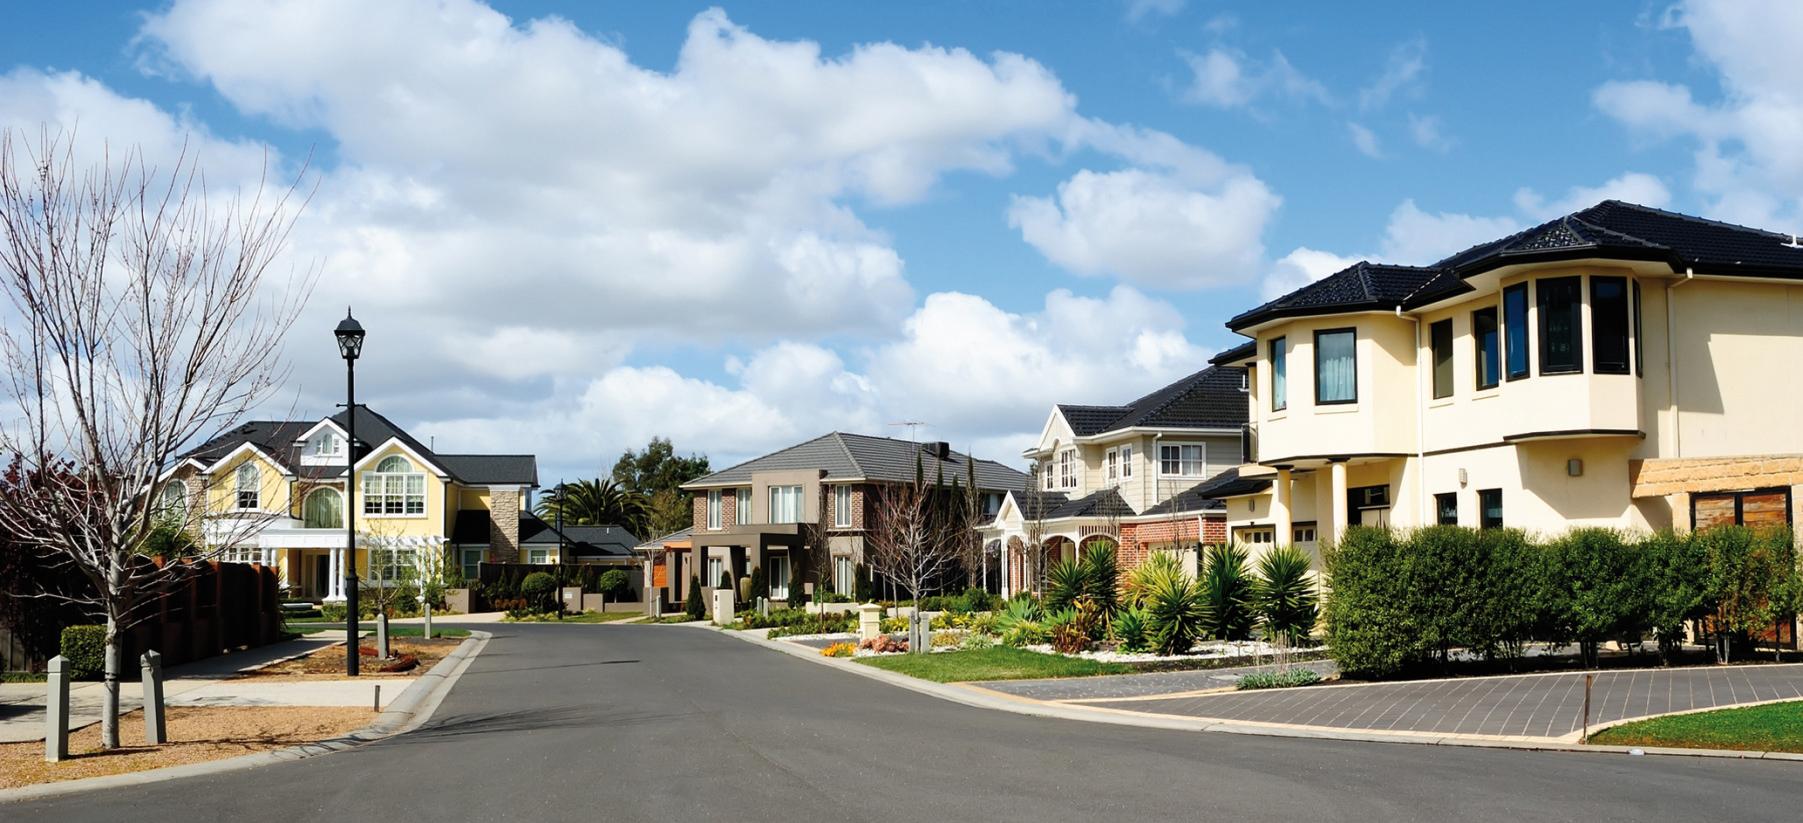 Le marché de la maison à plusieurs vitesses